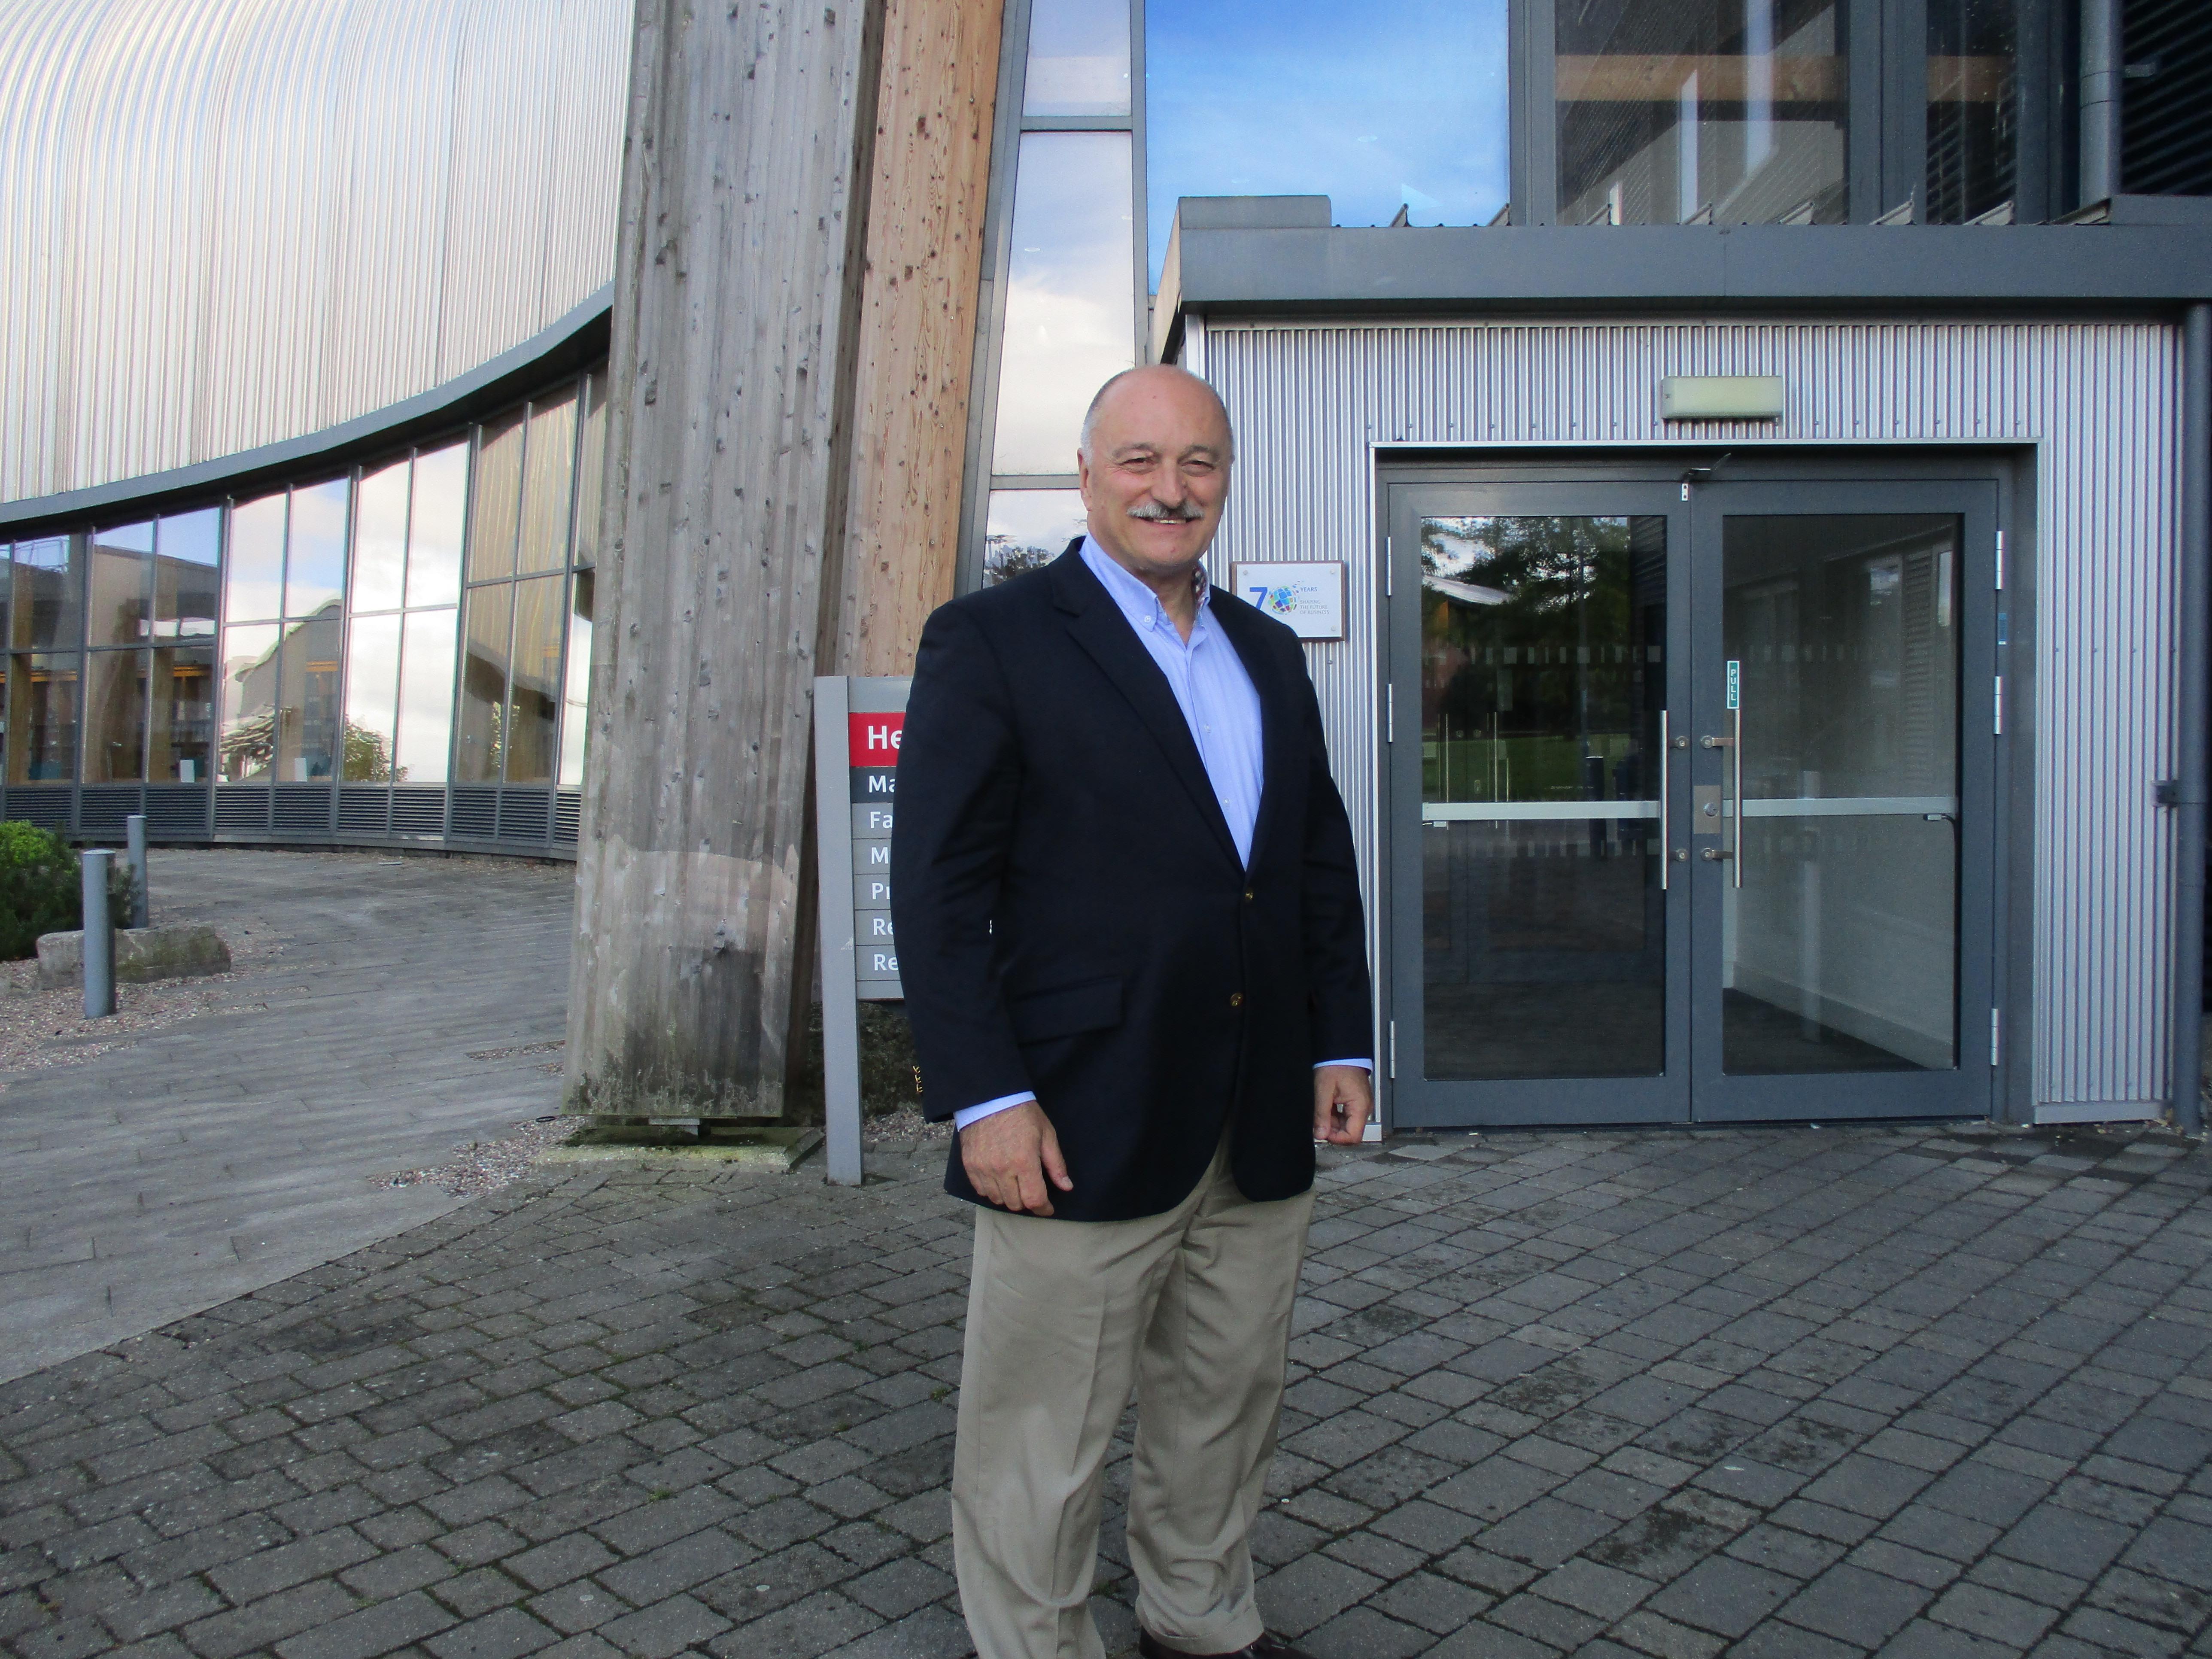 Professor David Pendleton